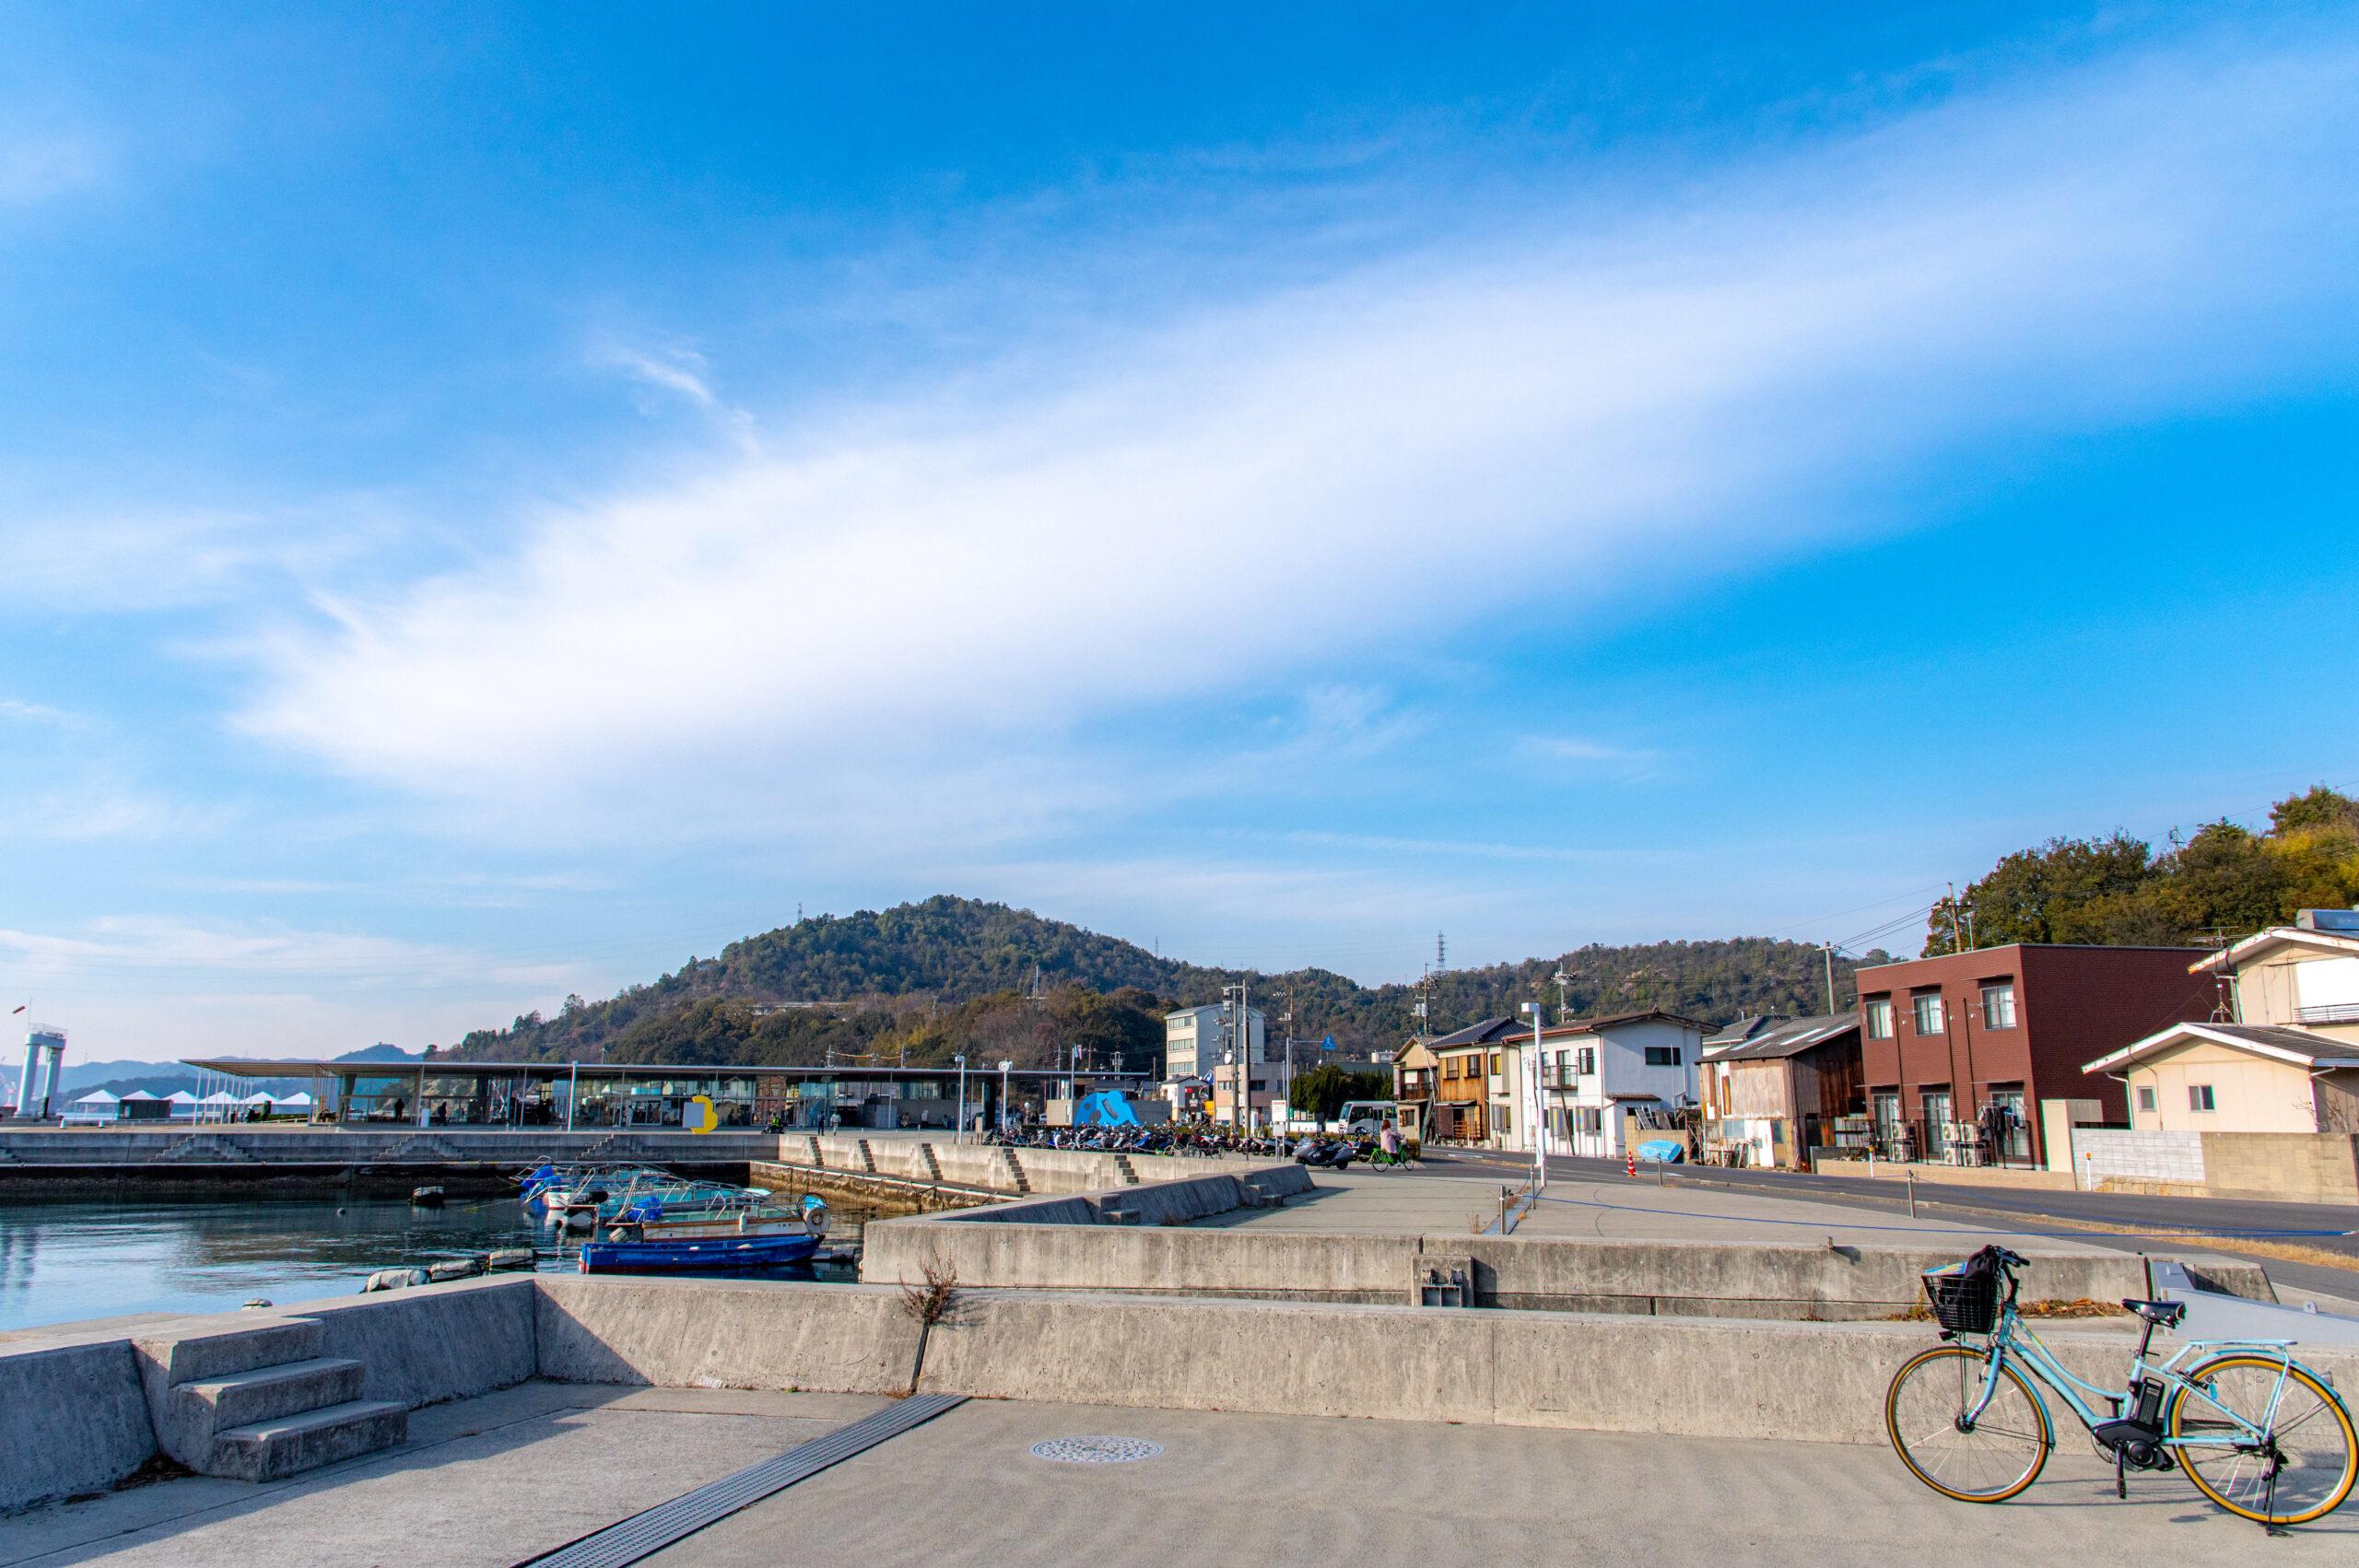 豊かな自然と摩訶不思議なアートが沢山ある島!香川県の直島への行き方!